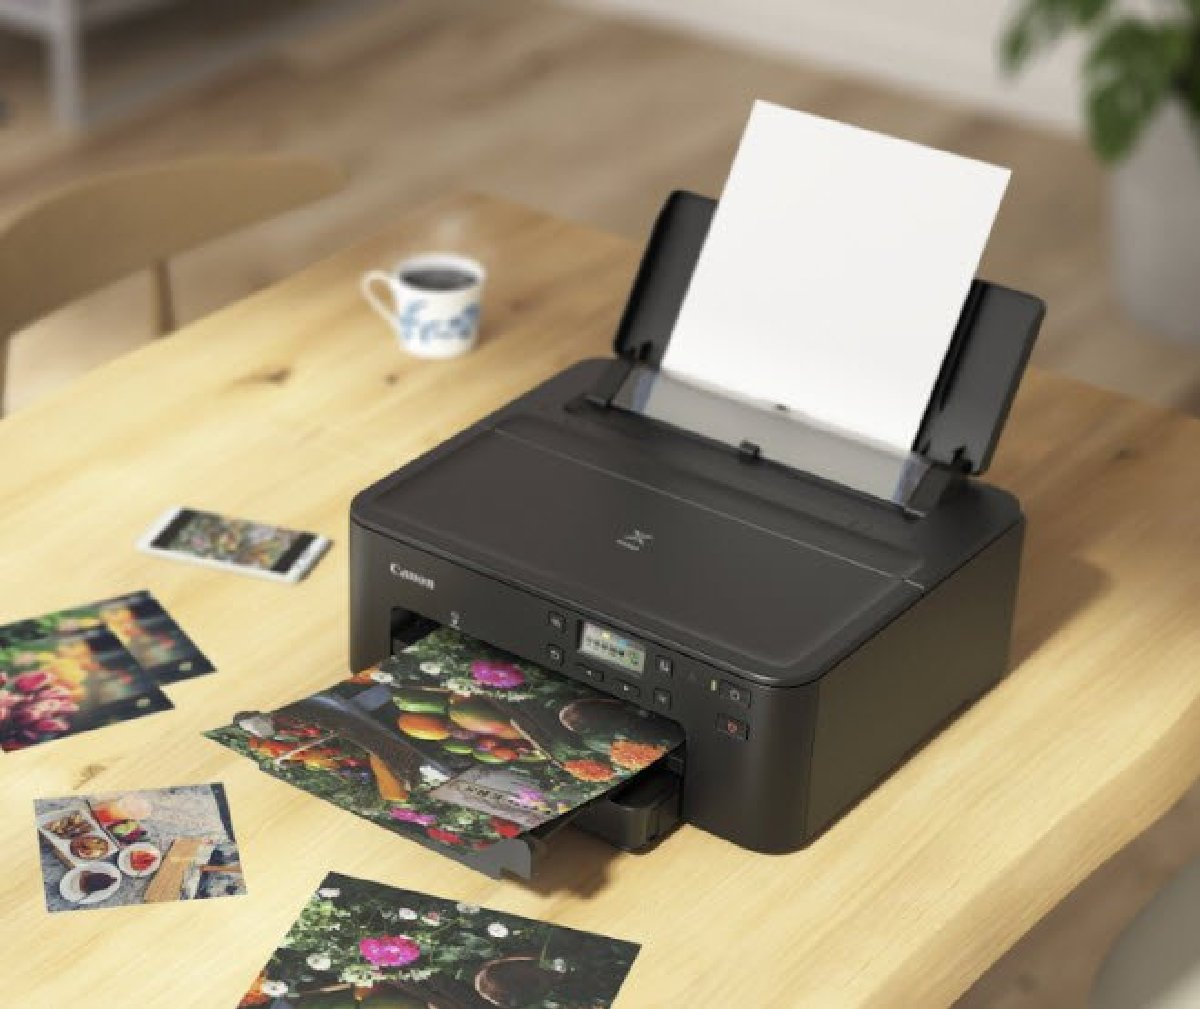 В принтере предусмотрена система звуковых уведомлений о состоянии и уровне чернил